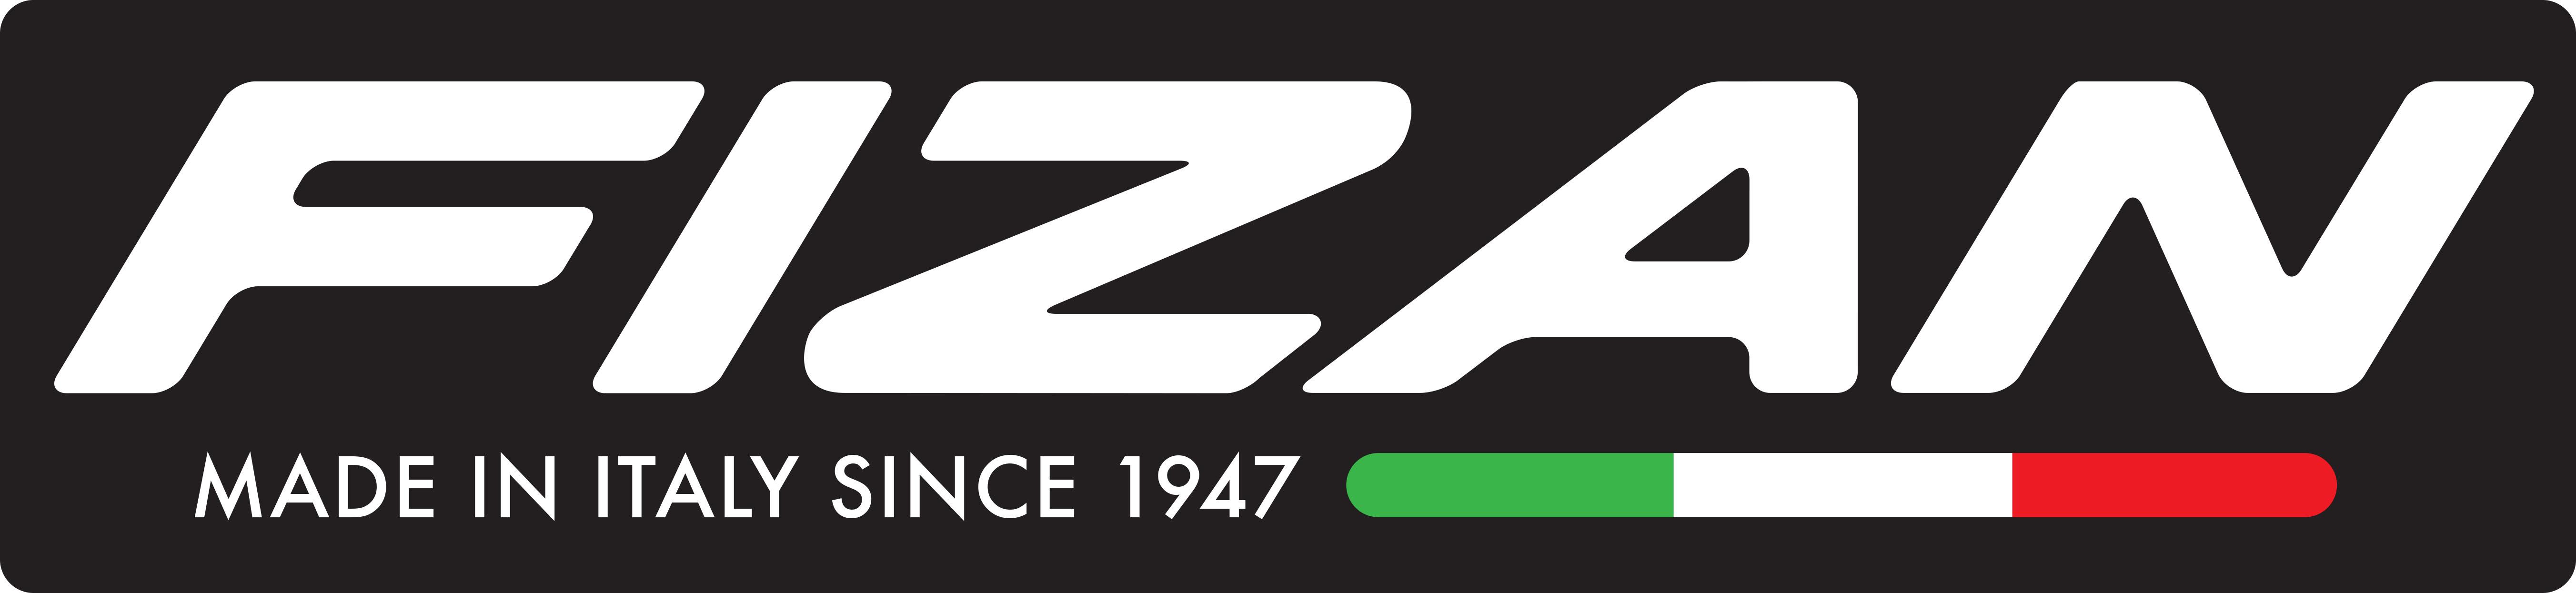 20 Aafizan logo